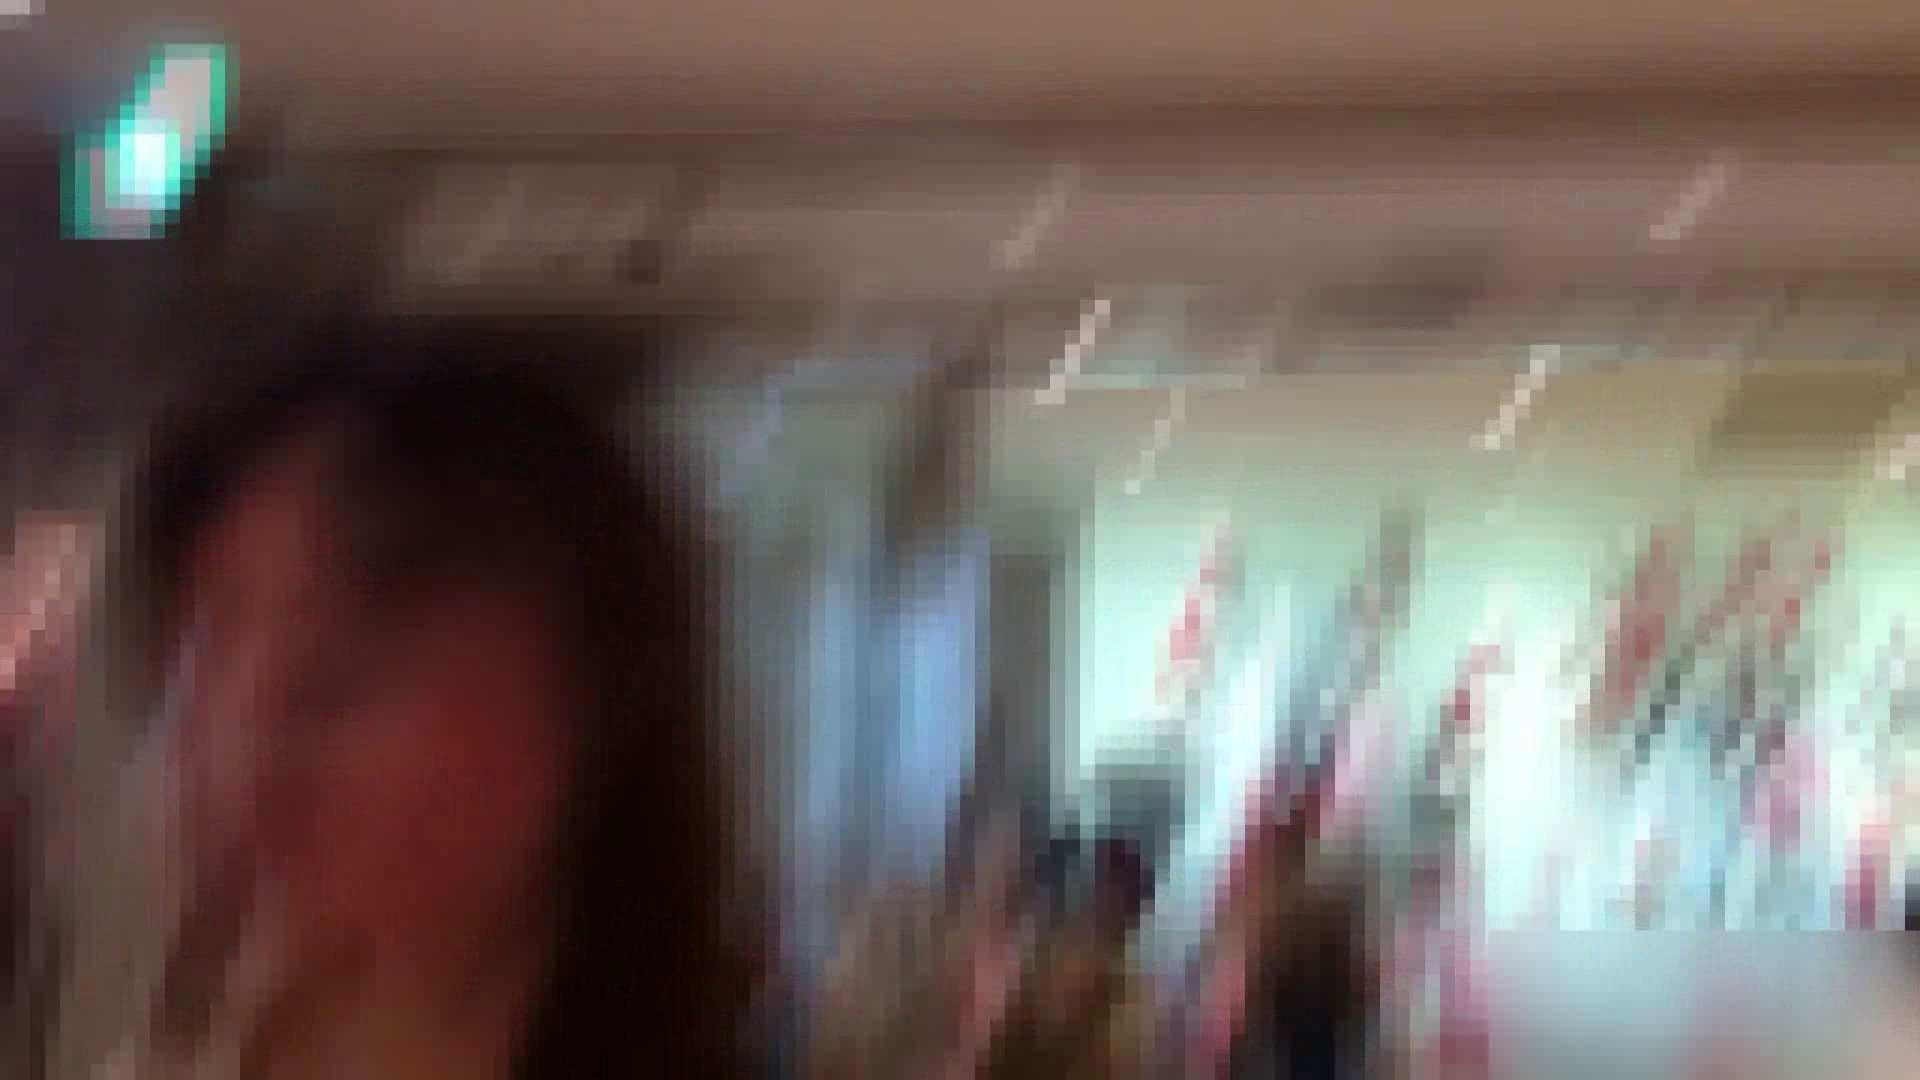 ガールズパンチラストリートビューVol.011 チラ 盗み撮りオマンコ動画キャプチャ 109画像 19